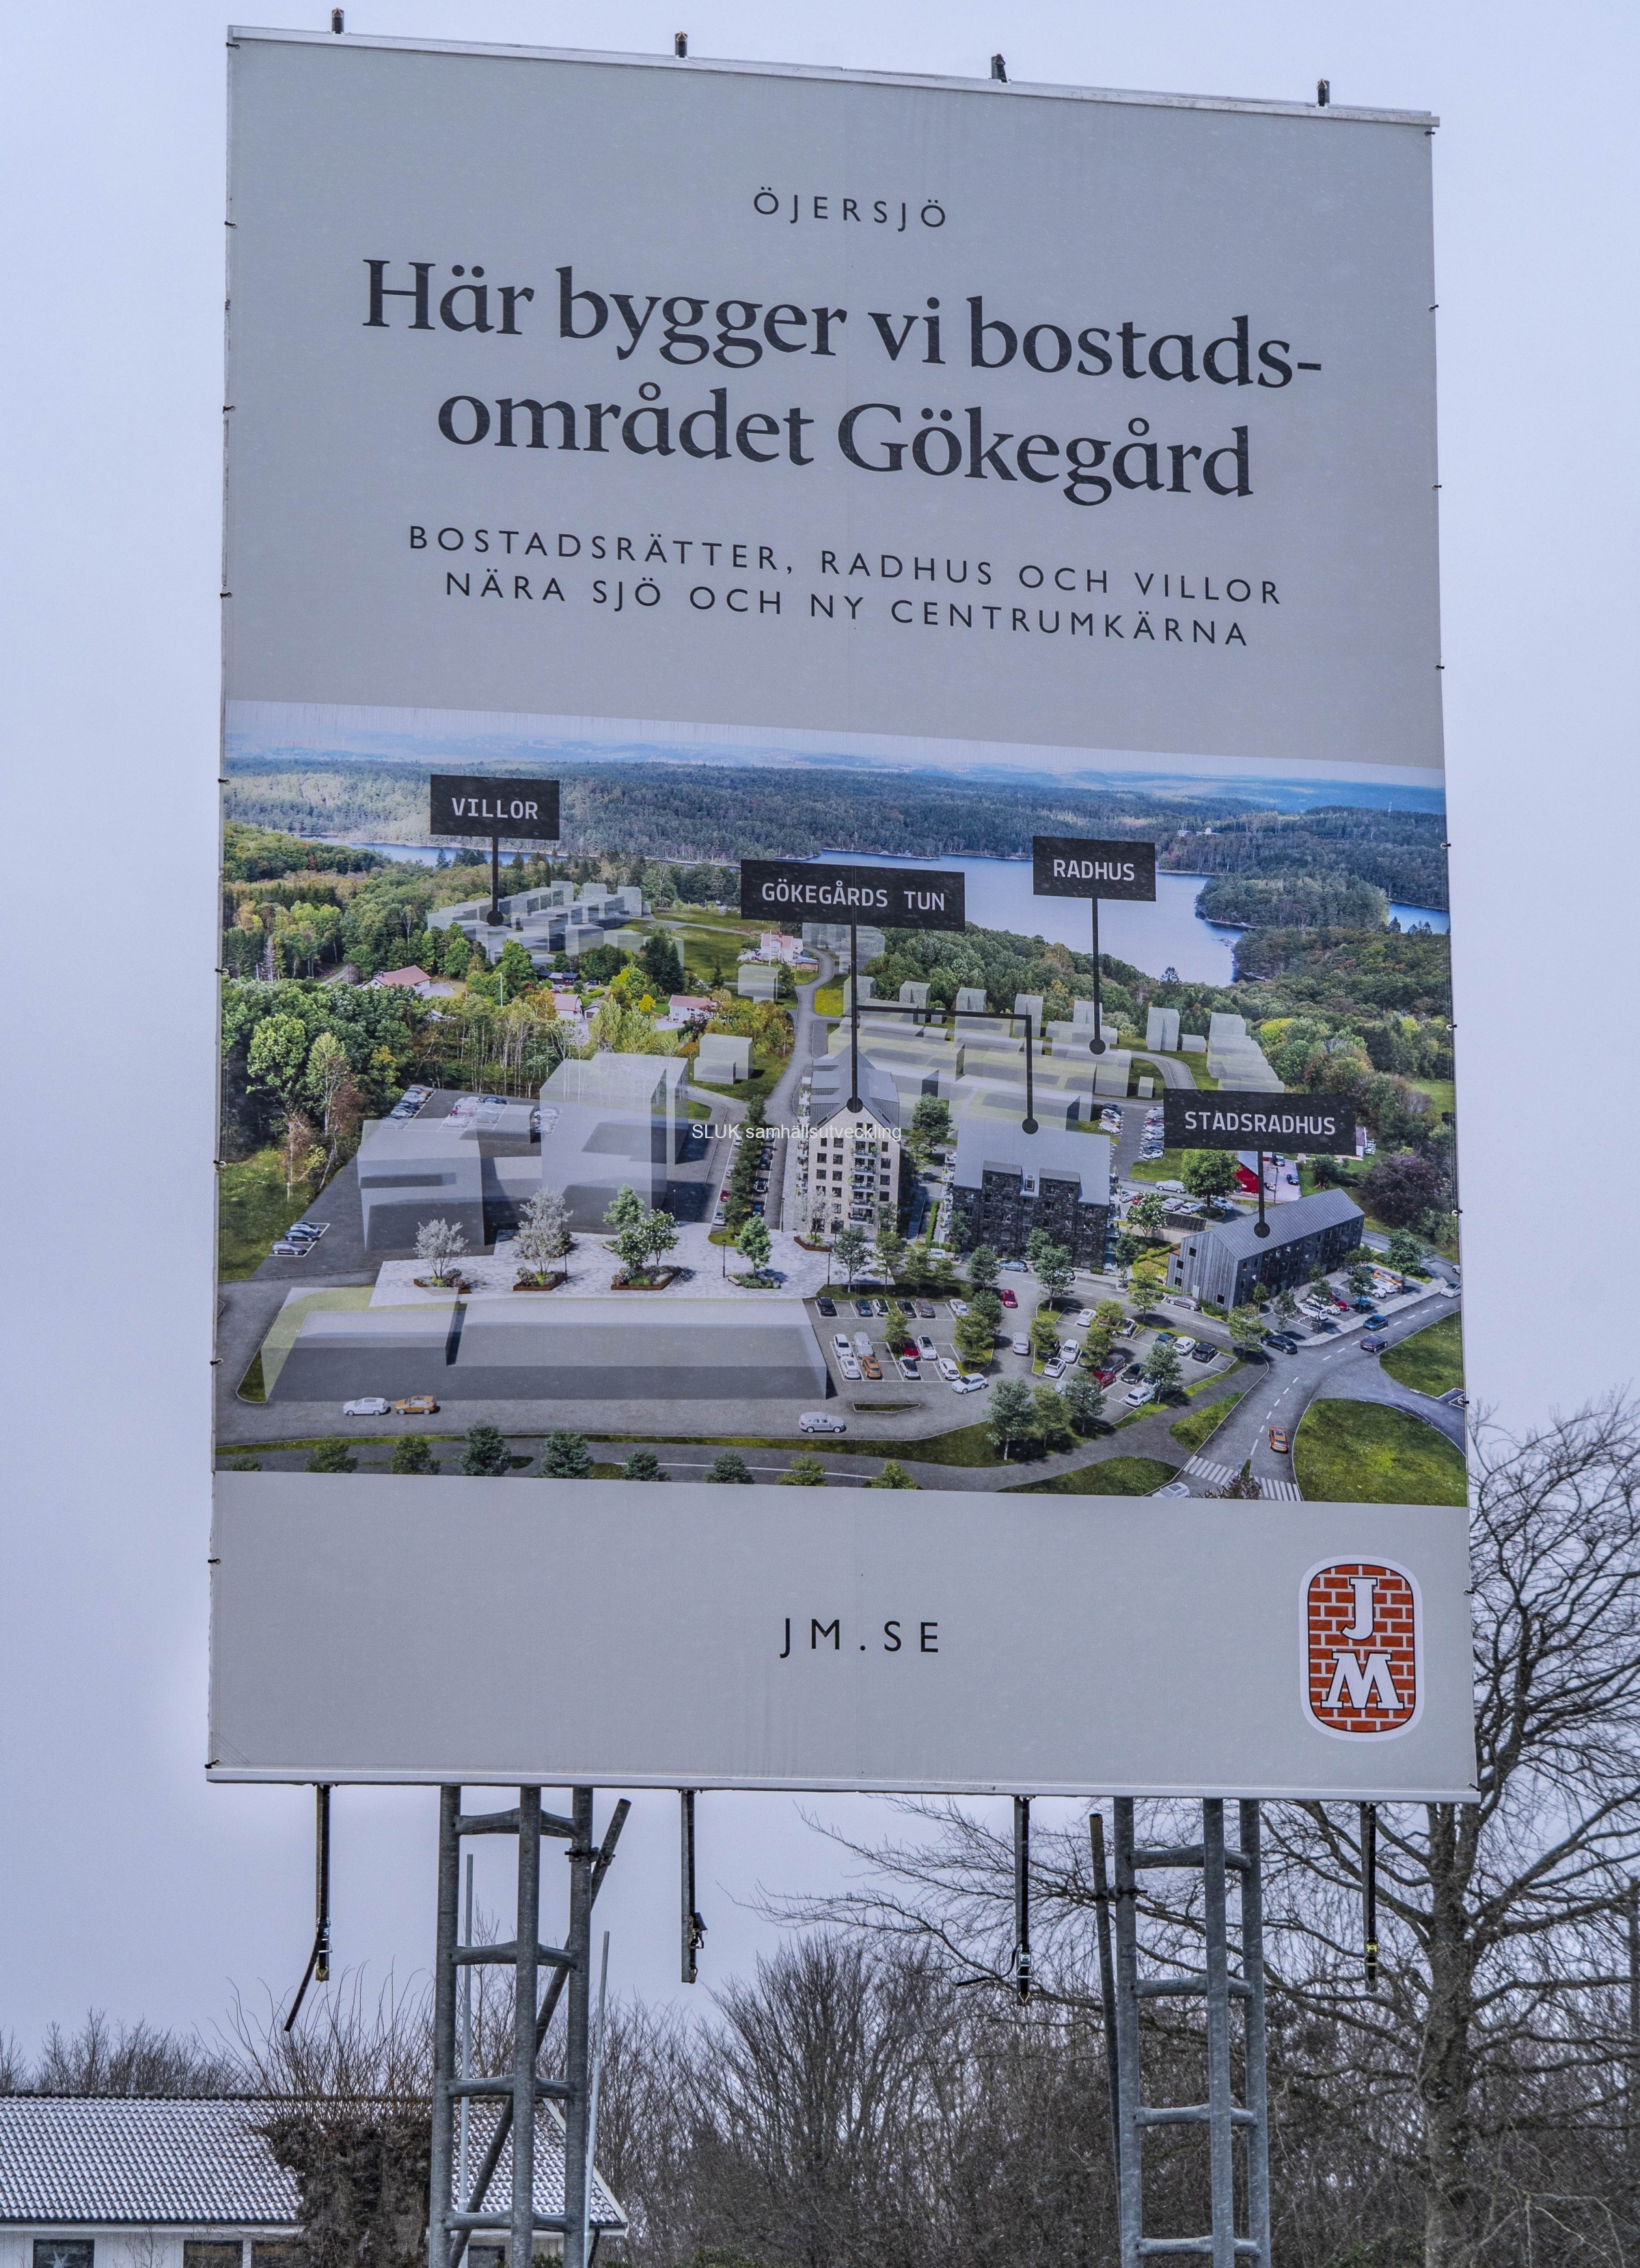 I Öjersjö  kommer man att bygga 500 bostäder.